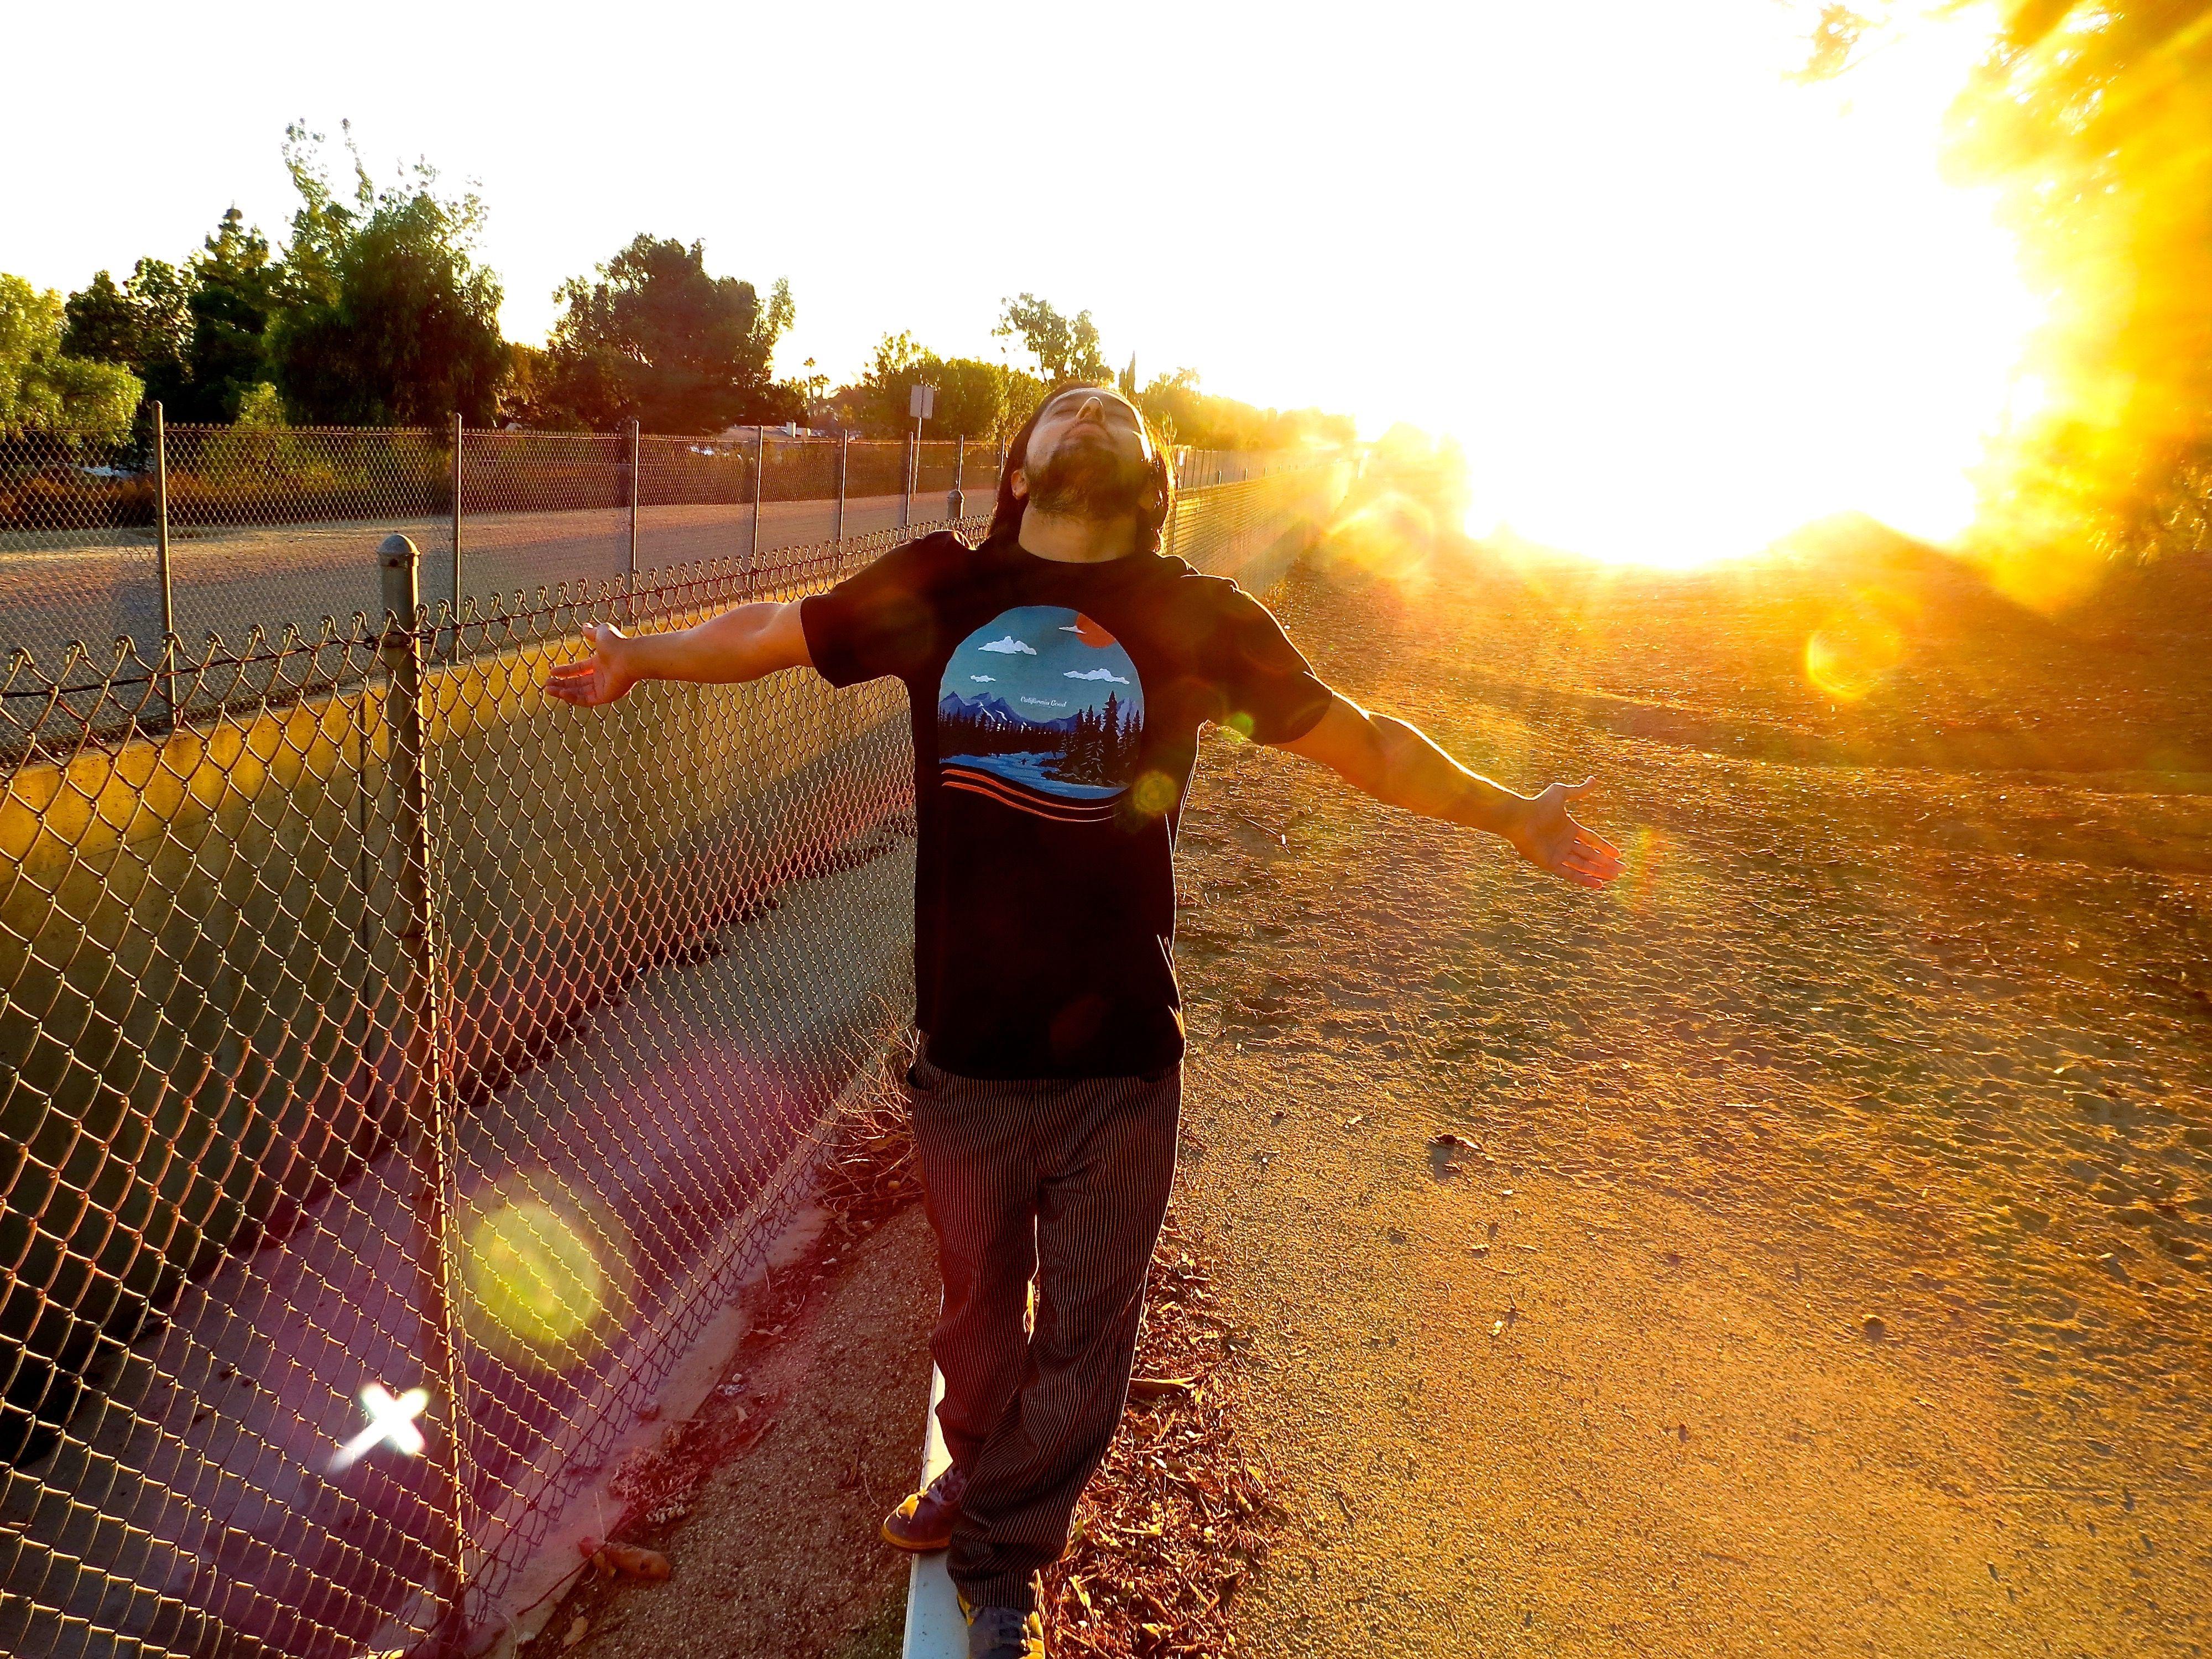 When the Sun Hits  #summer #californiagood #park #environment #organic #green #fashion #mensfashion